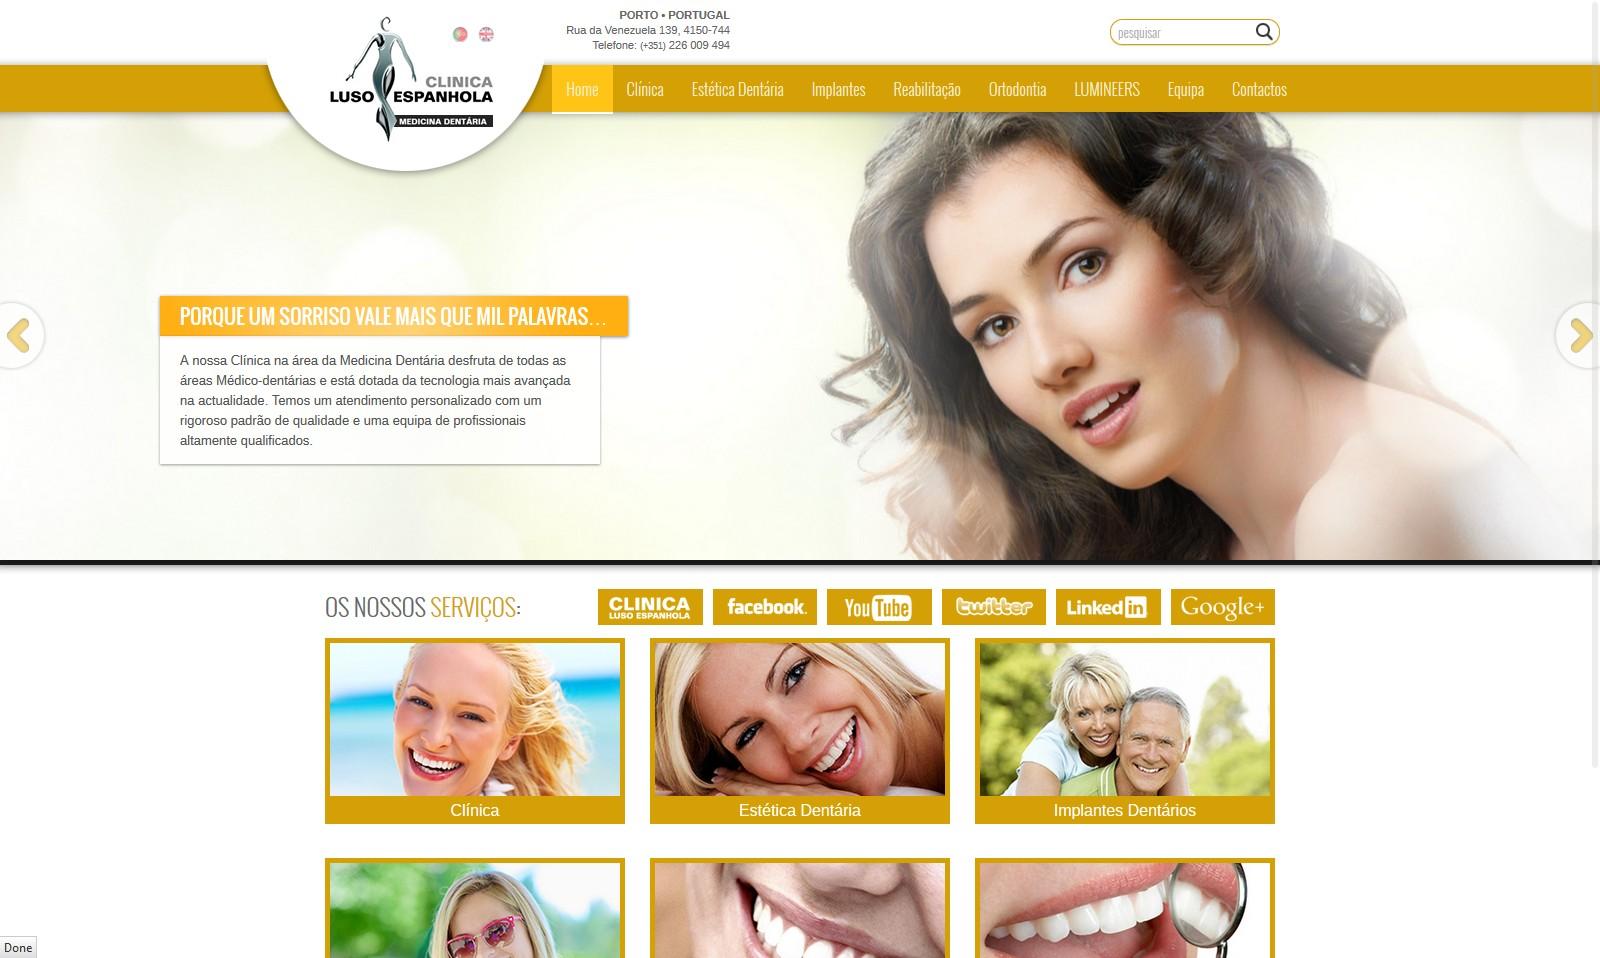 Clinica Dentaria Luso Espanhola Novo Website